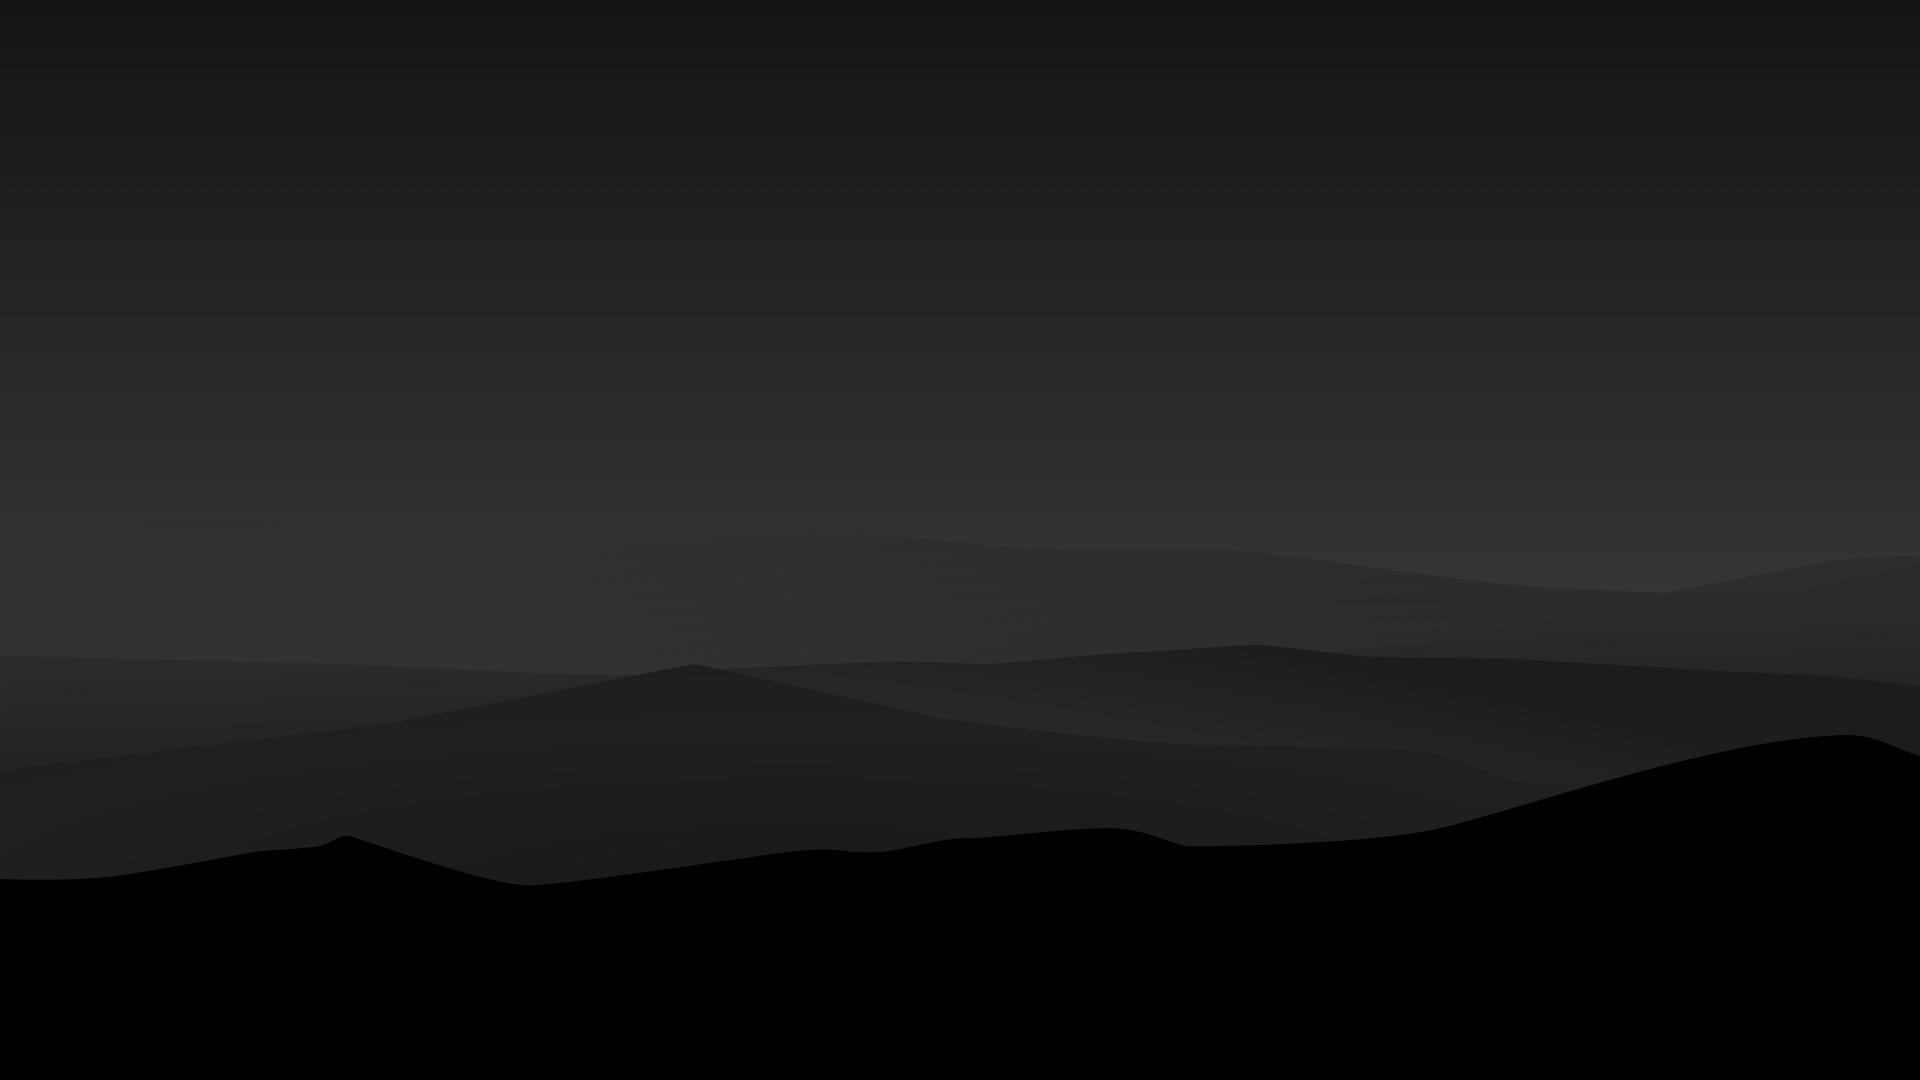 1920x1080 Dark Minimal Mountains At Night 1080P Laptop ...